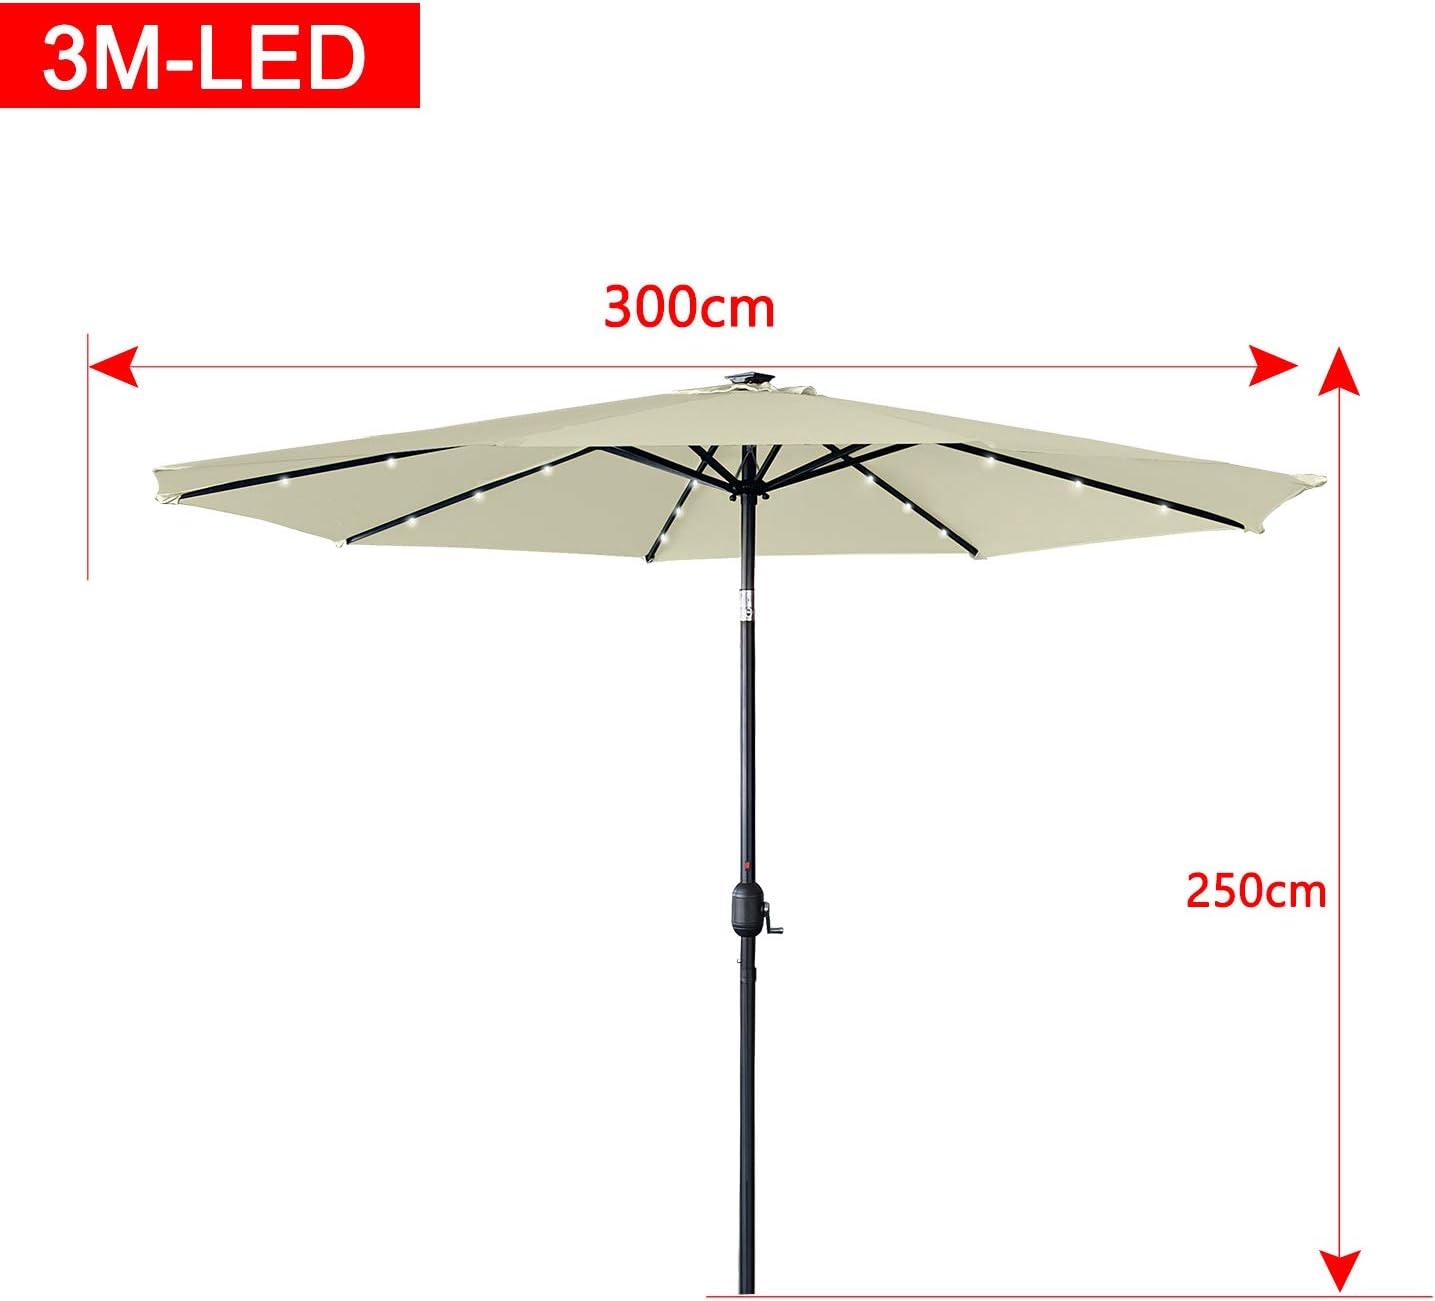 AUFUN Sombrilla con LED 300cm Di/ámetro poli/éster y Aluminio Parasol Protecci/ón UV40 Beige Altura Ajustable para terraza jard/ín Playa Piscina Patio